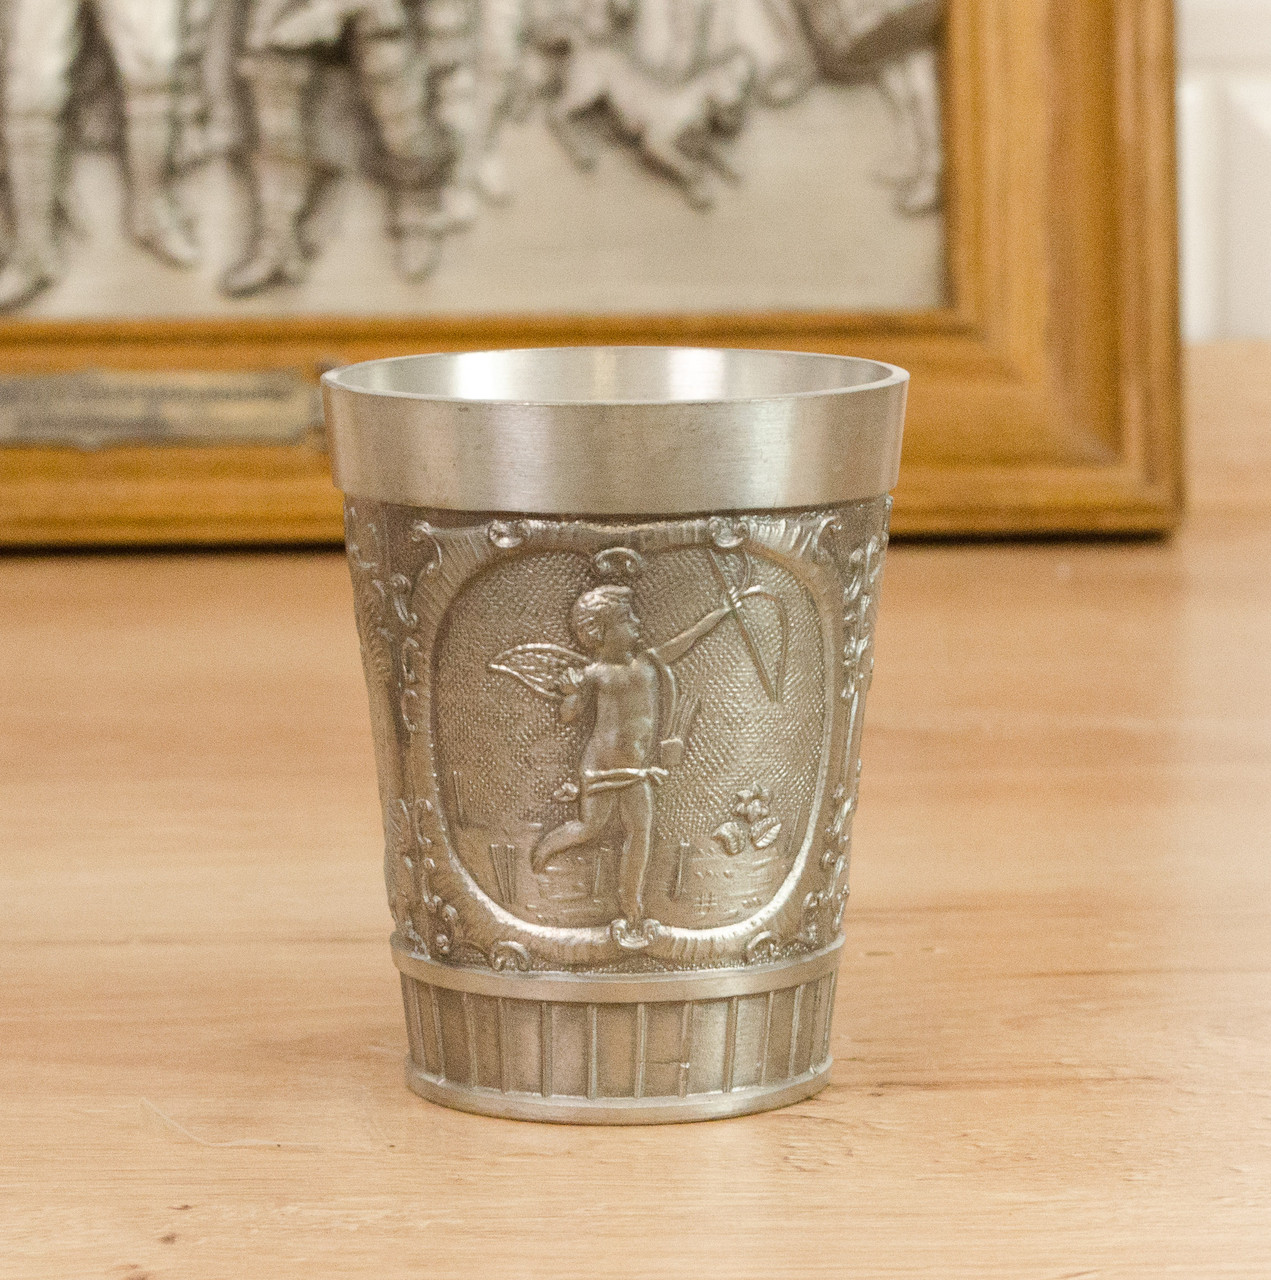 Коллекционный оловянный бокал для шнапса, пищевое олово, Германия, 120 мл